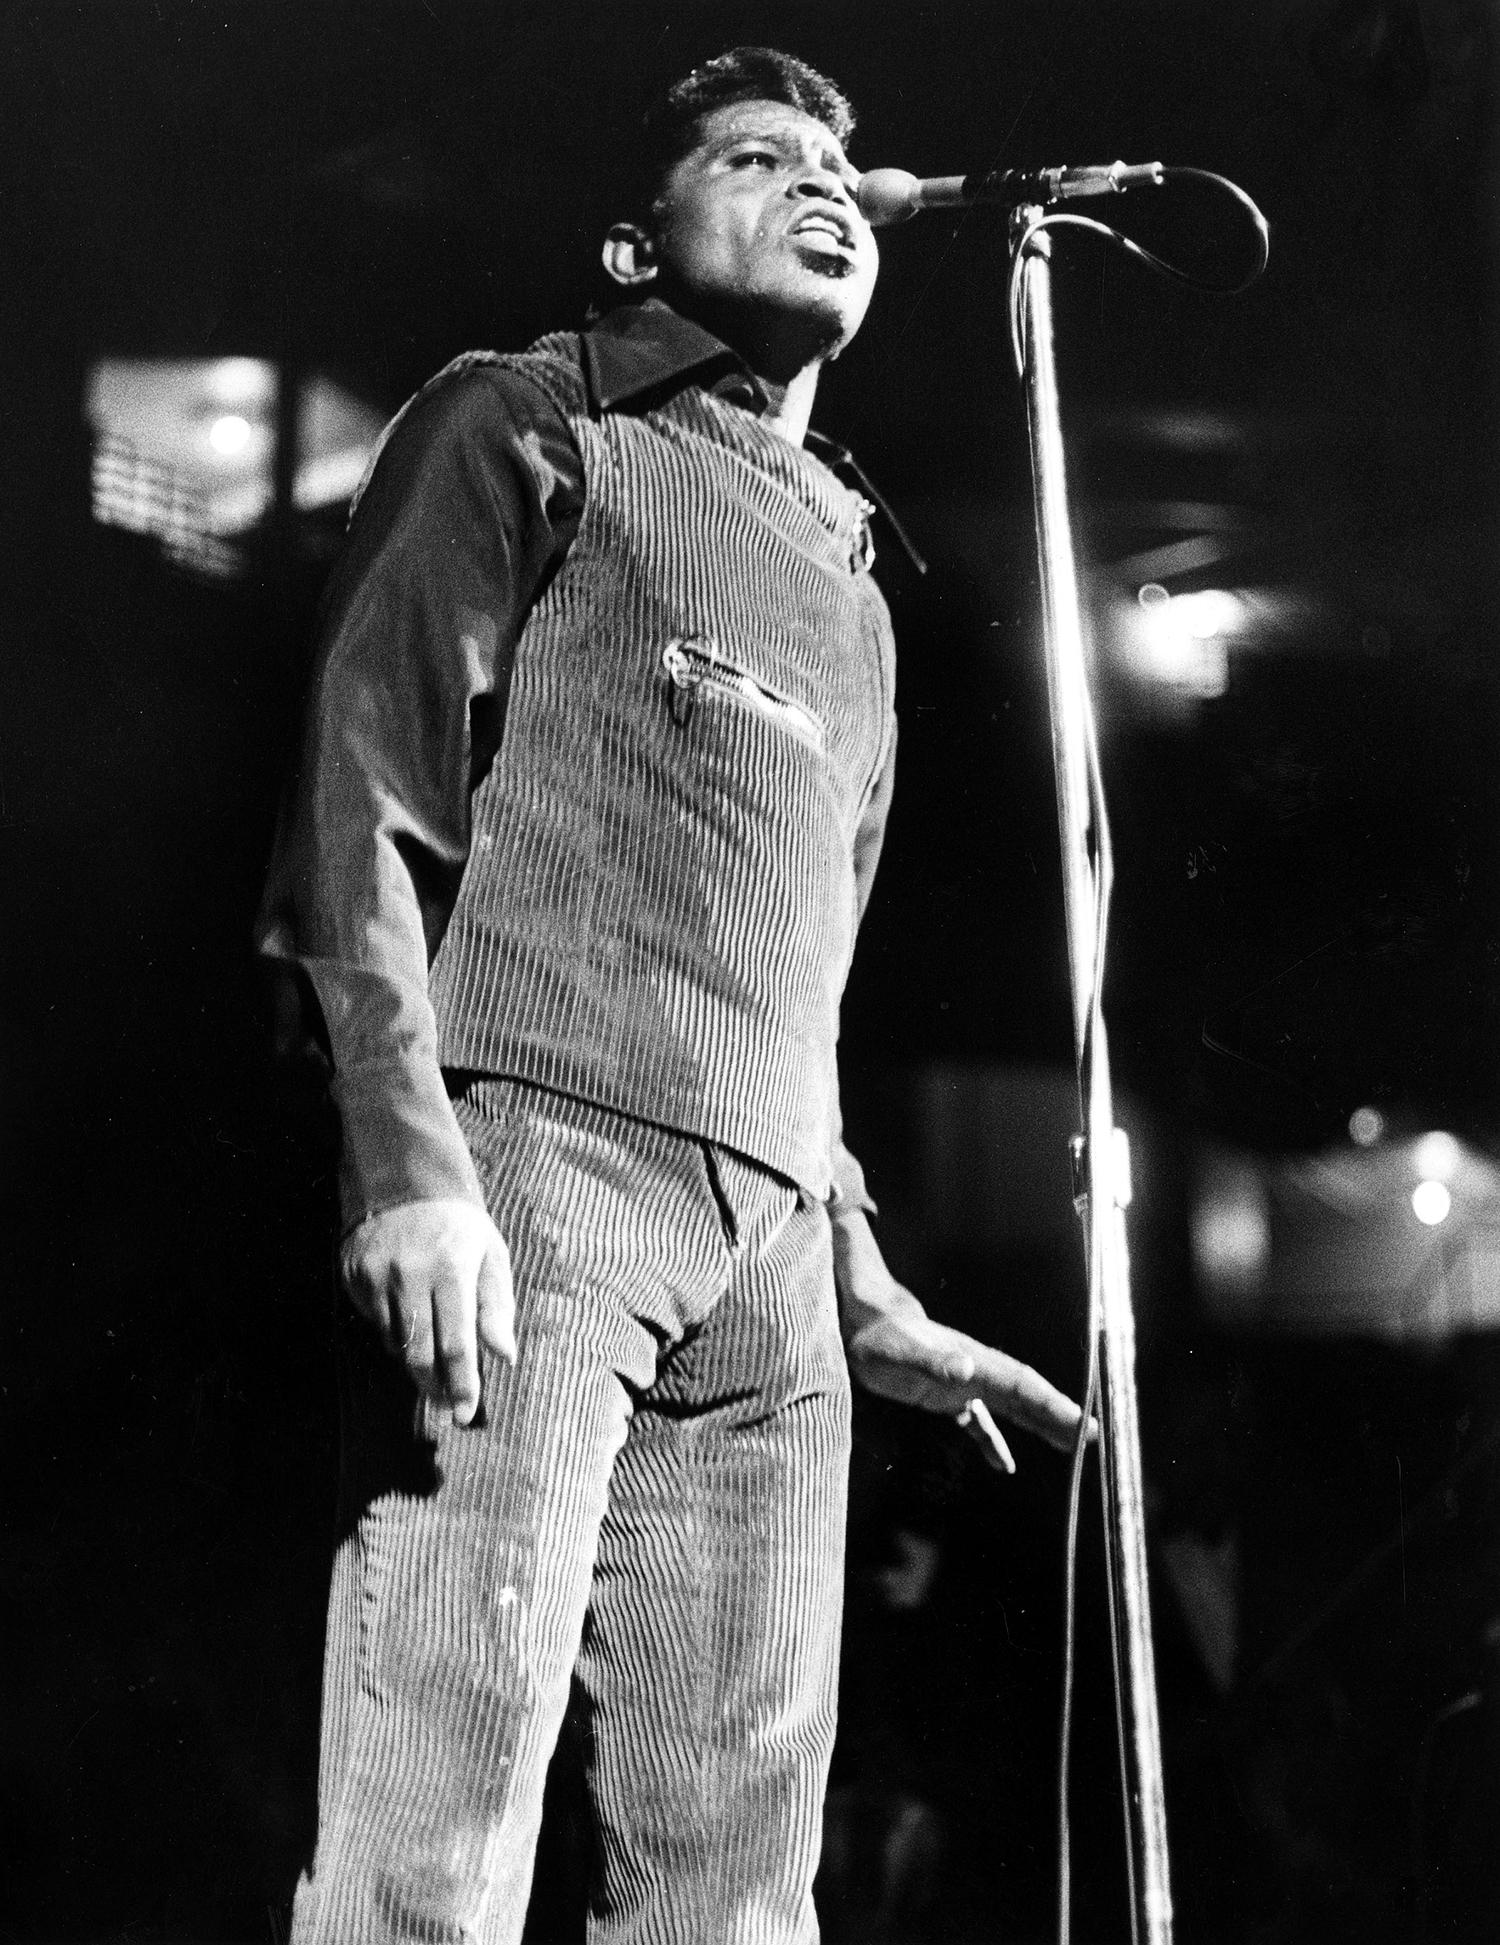 Hendrix Smoking  V-Neck T-Shirt Black  Jimmy Woodstock Cobain Morrison Kurt Jim